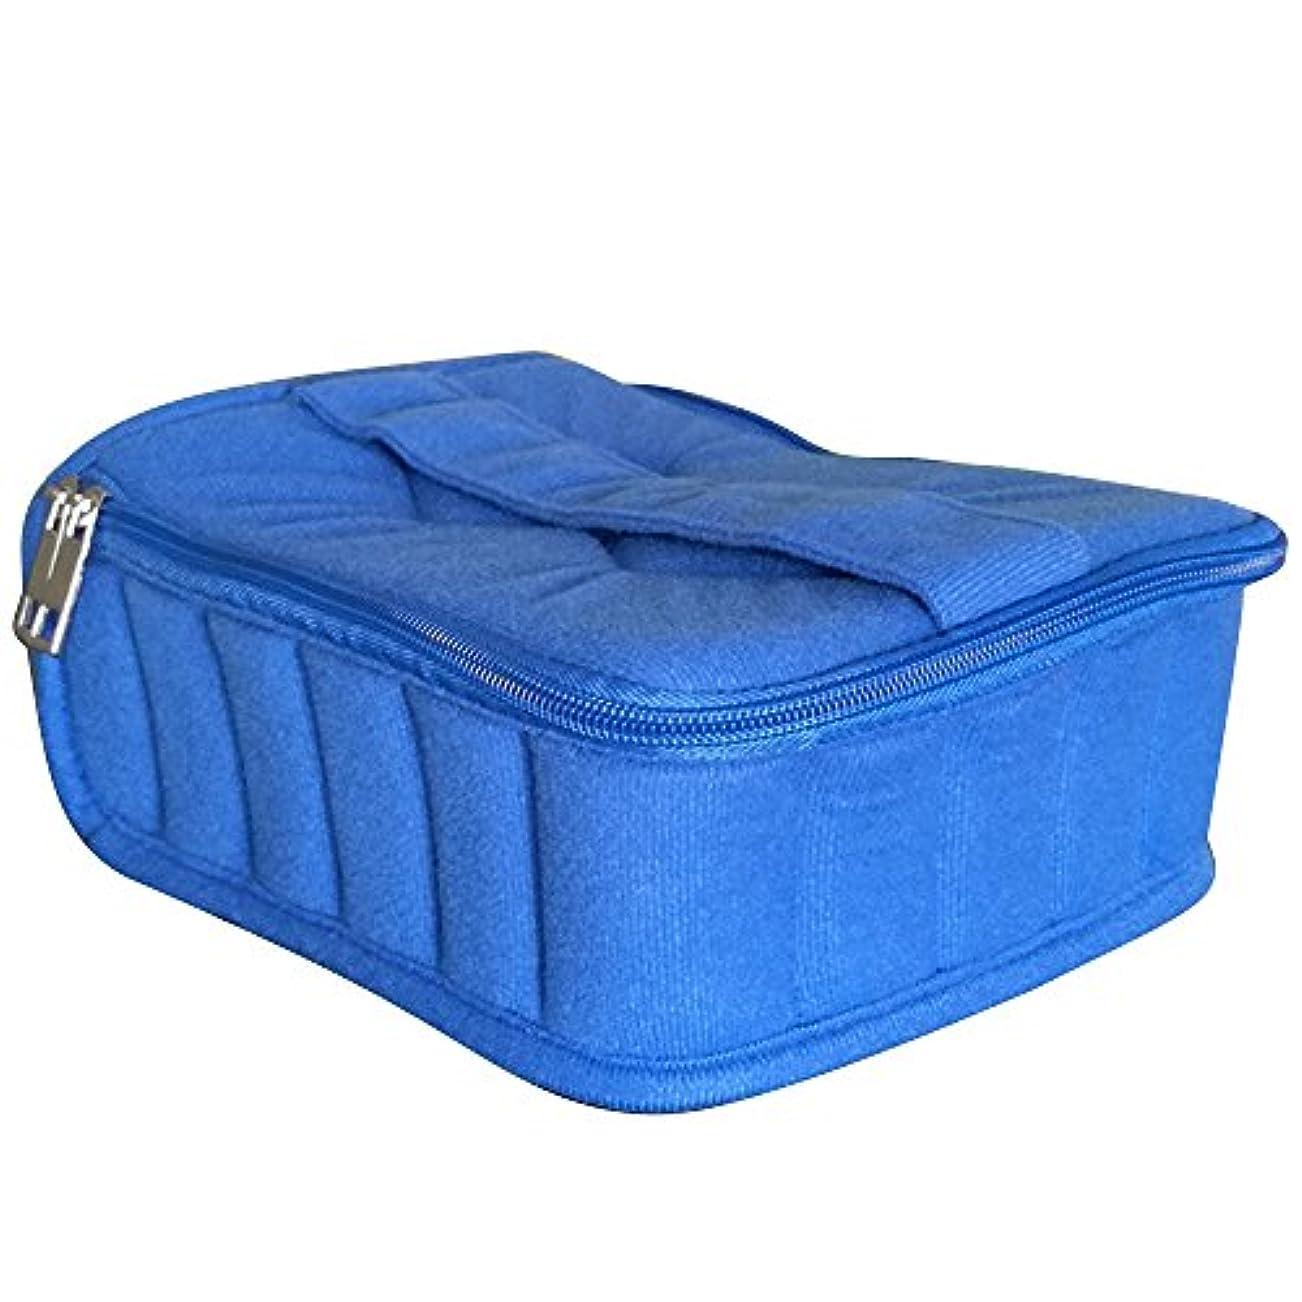 神社オーナメント原理ゴシレ Gosear 30 格子 ポータブル ショック抵抗力 本質 ストレージ 旅行 運ぶ ケース ホルダー バッグ ため 5 ml 10 ml 15 ml ボトル 青色